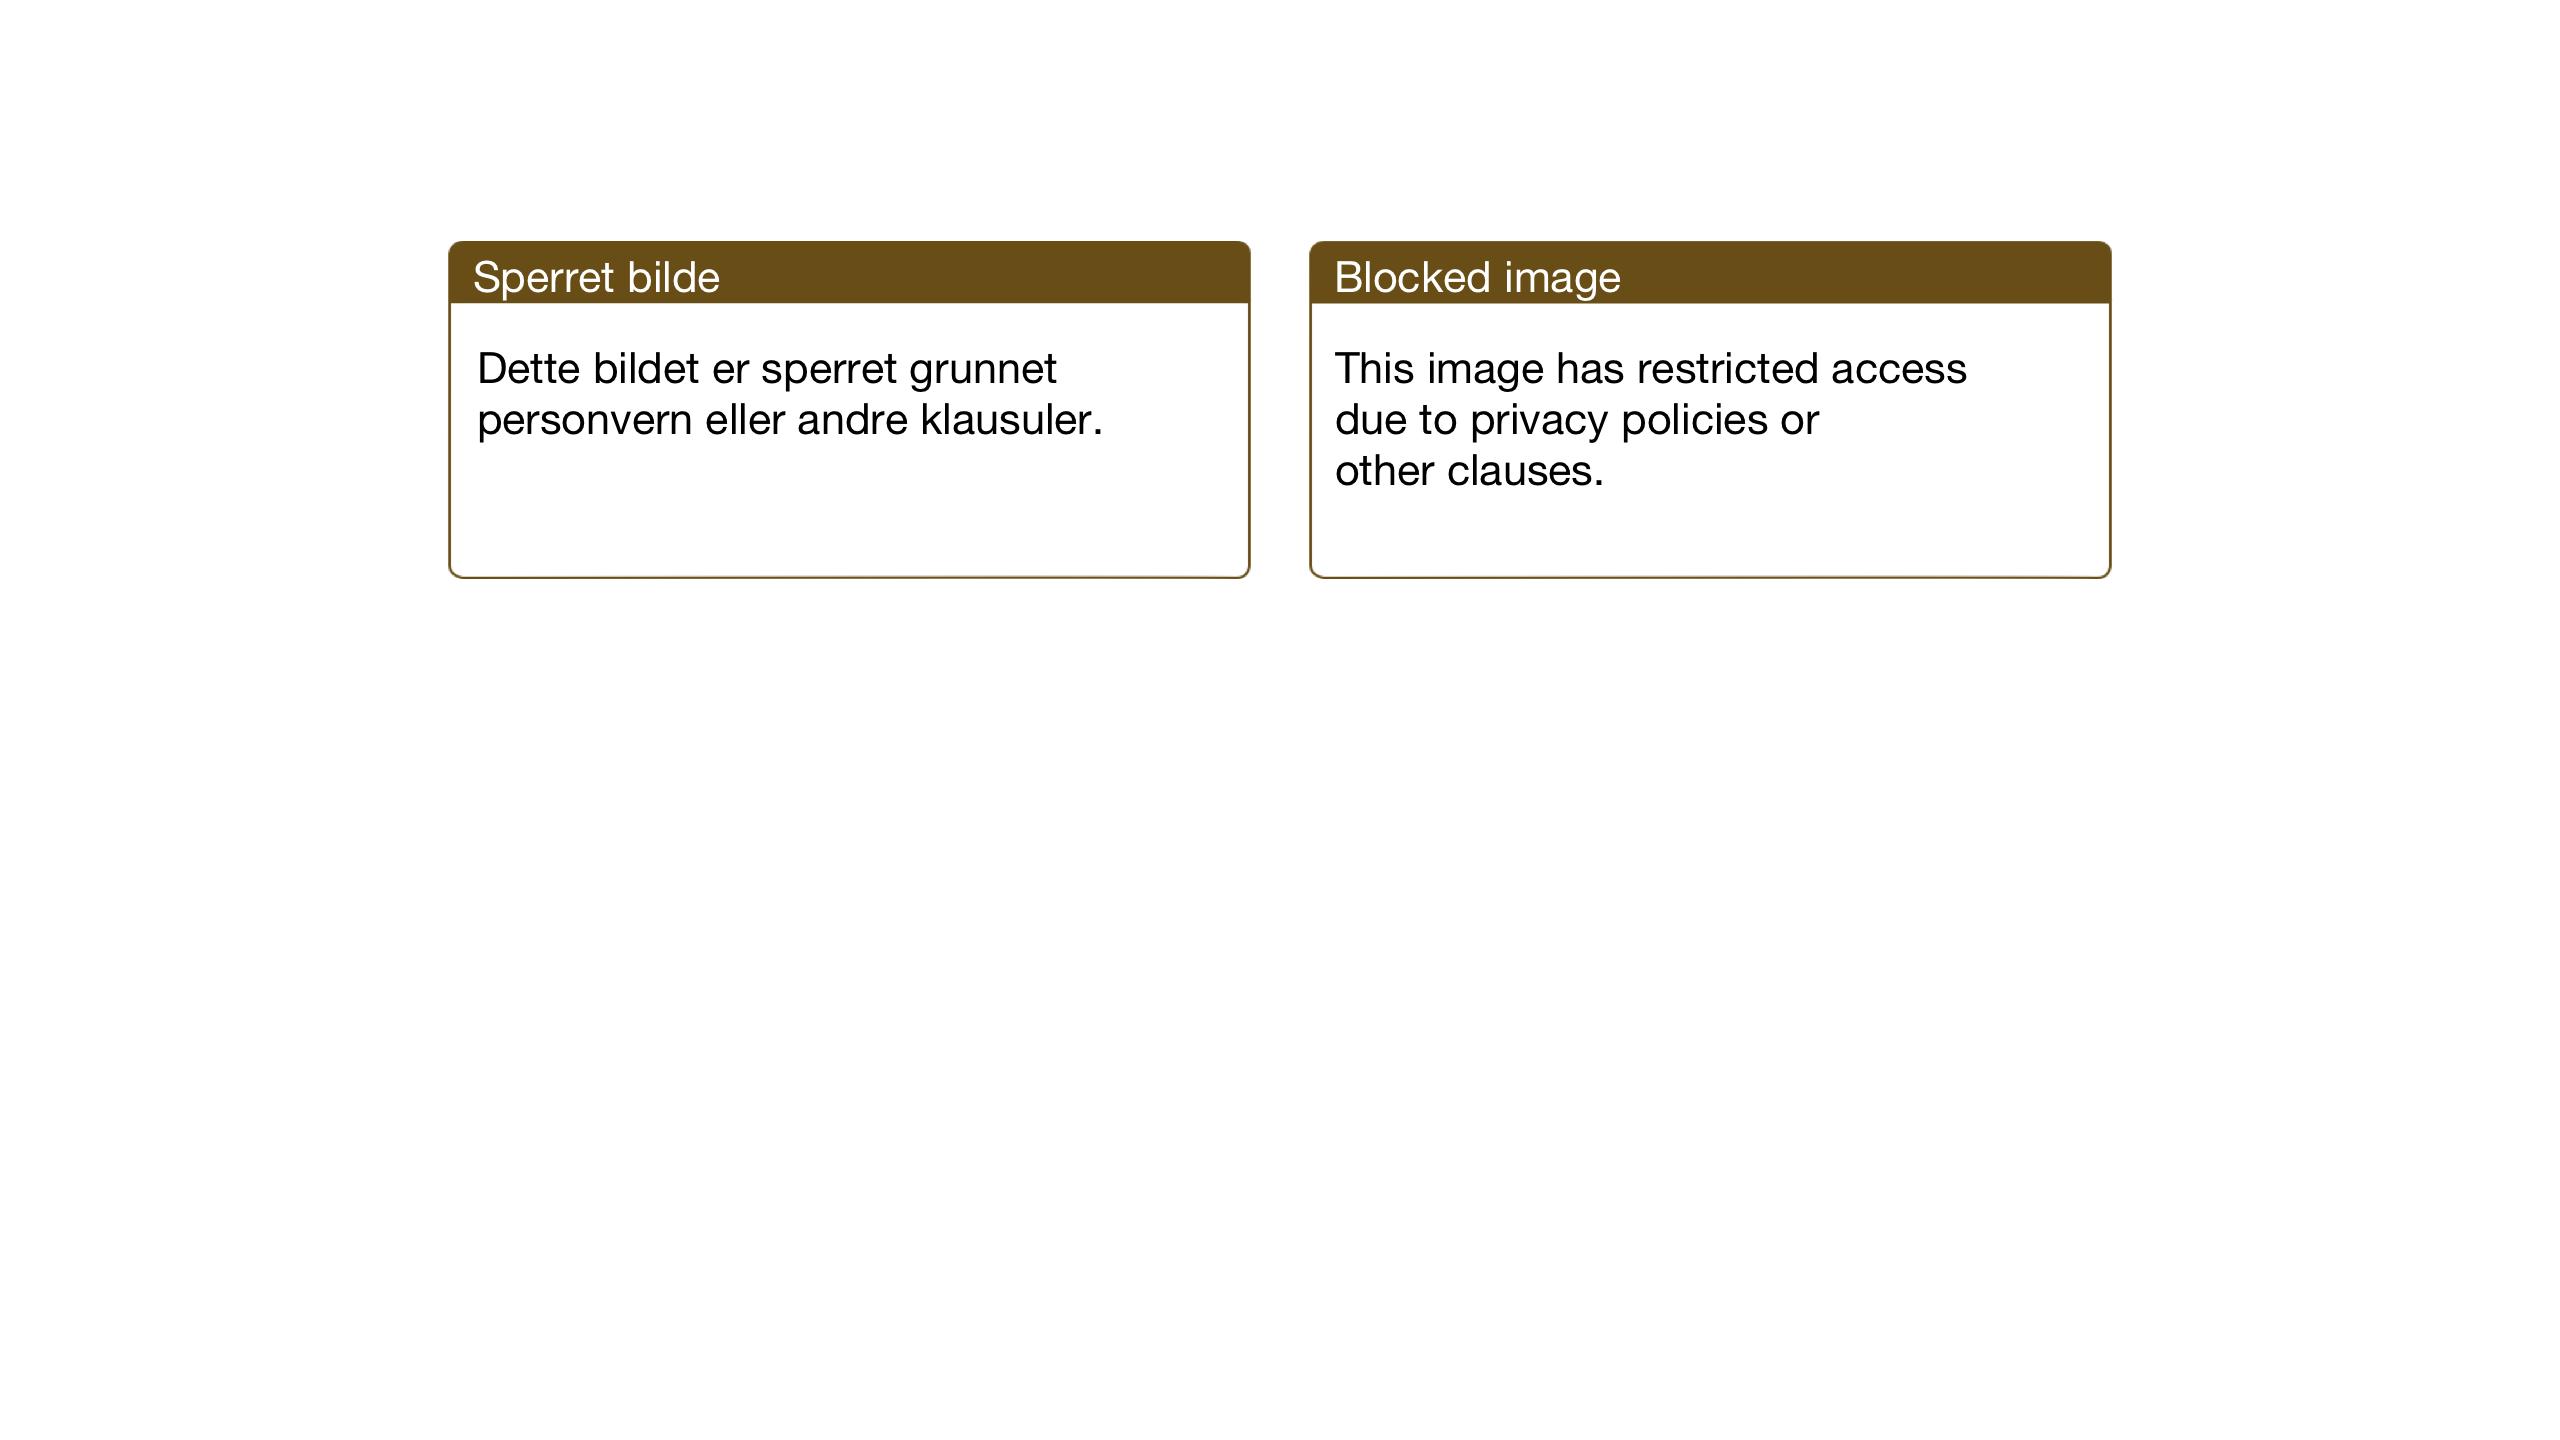 SAT, Ministerialprotokoller, klokkerbøker og fødselsregistre - Sør-Trøndelag, 640/L0590: Klokkerbok nr. 640C07, 1935-1948, s. 150